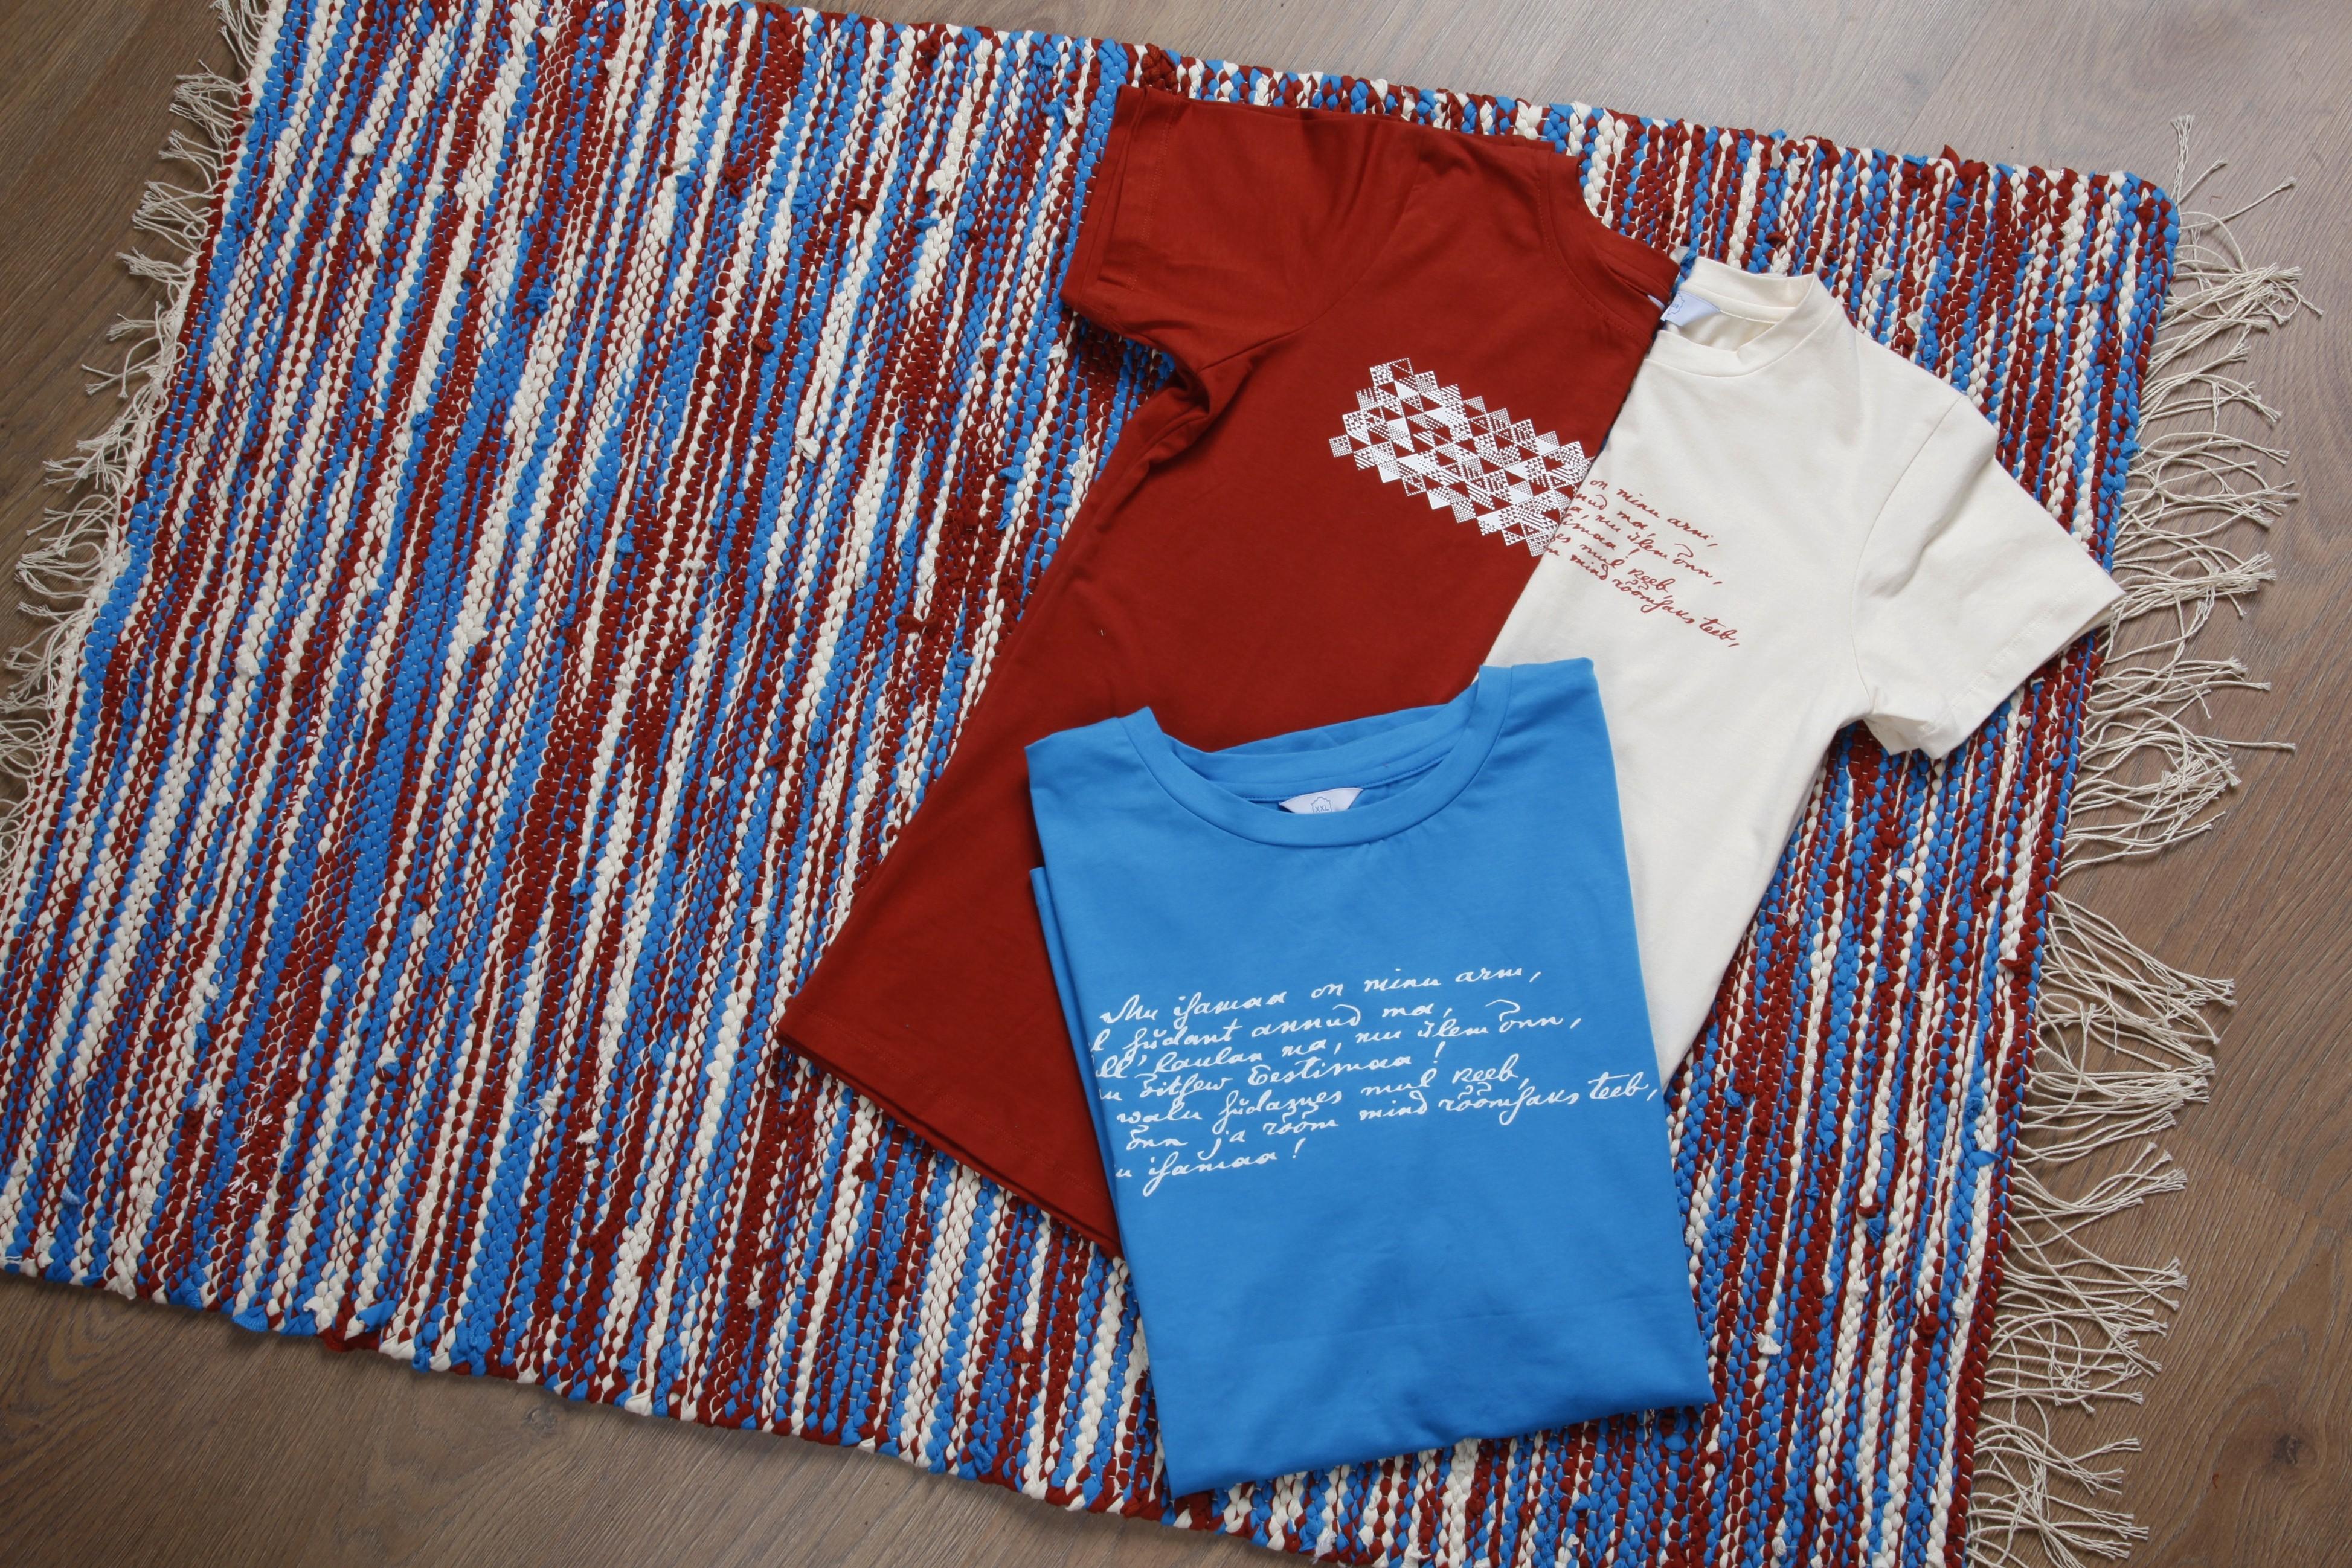 Laulupeo särkidest valmistatud kaltsuvaip 80 x 115 cm